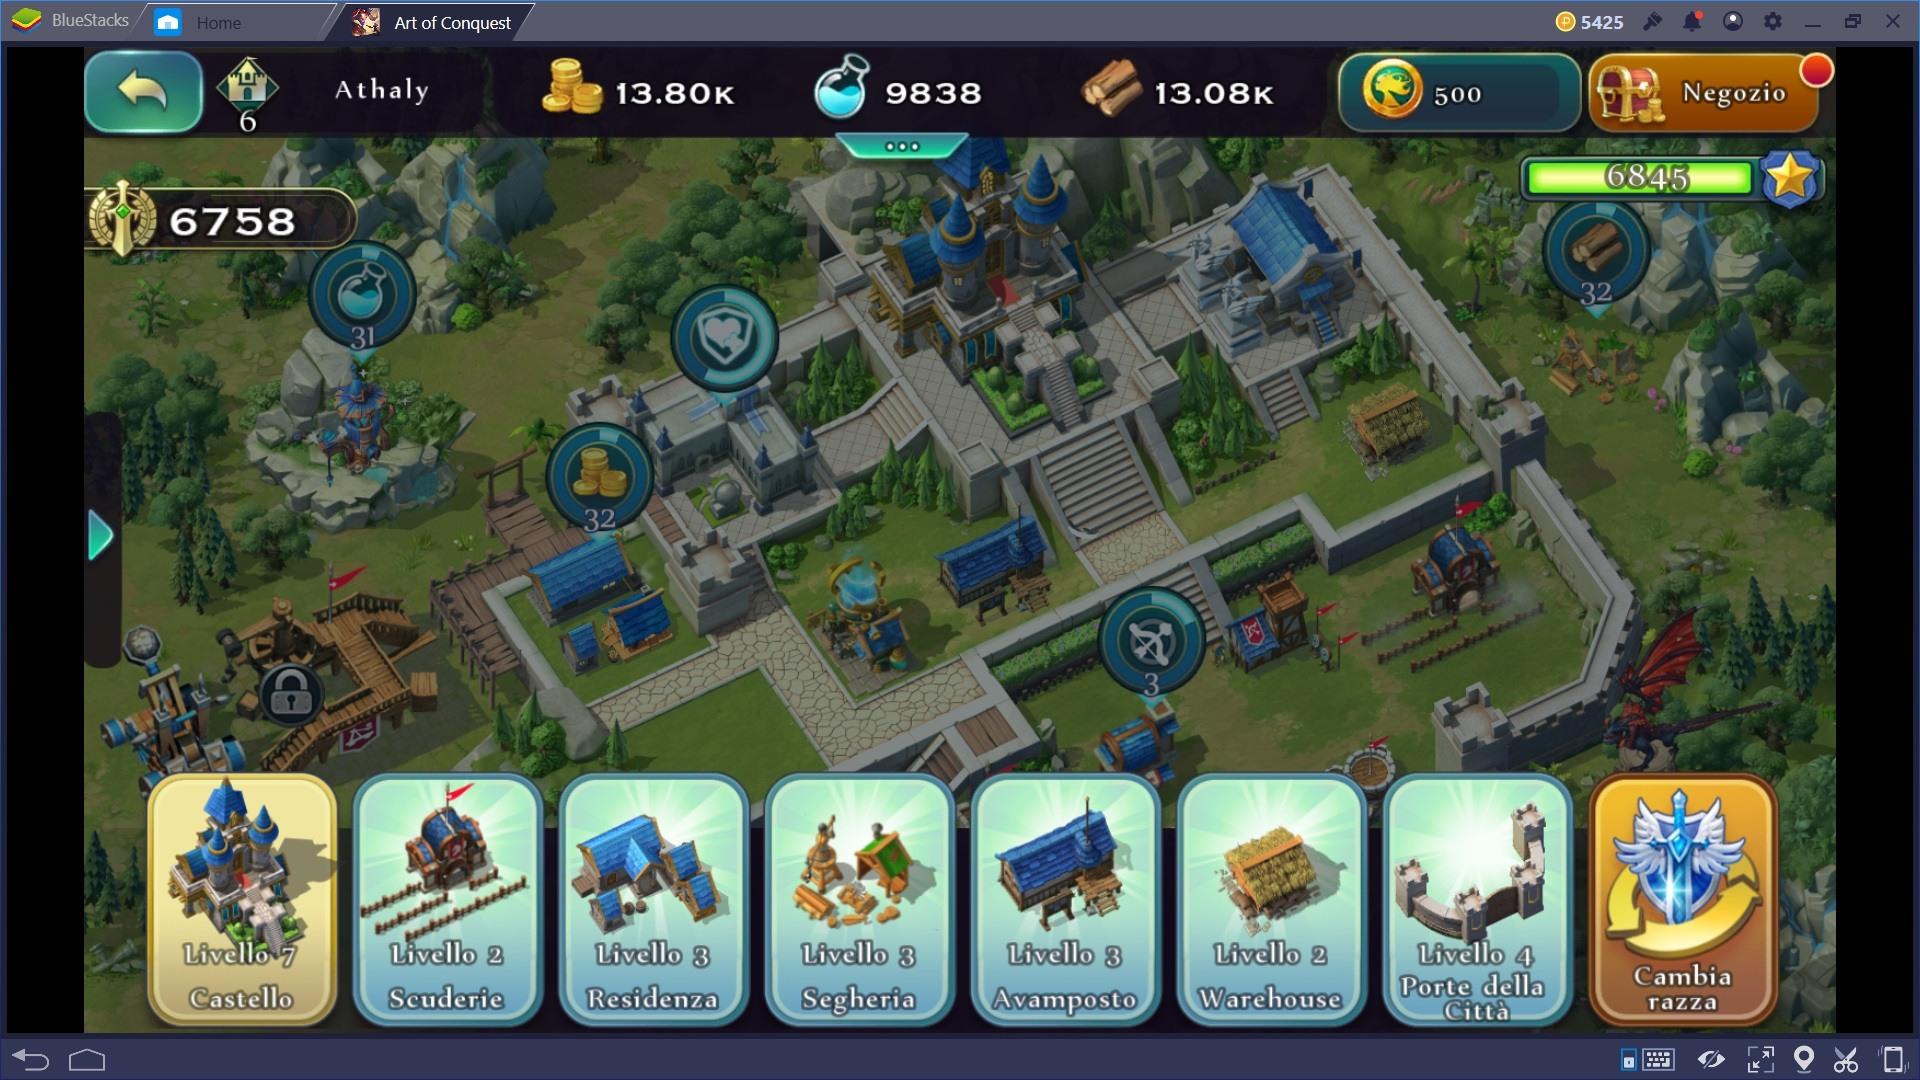 Art of Conquest: guida agli edifici